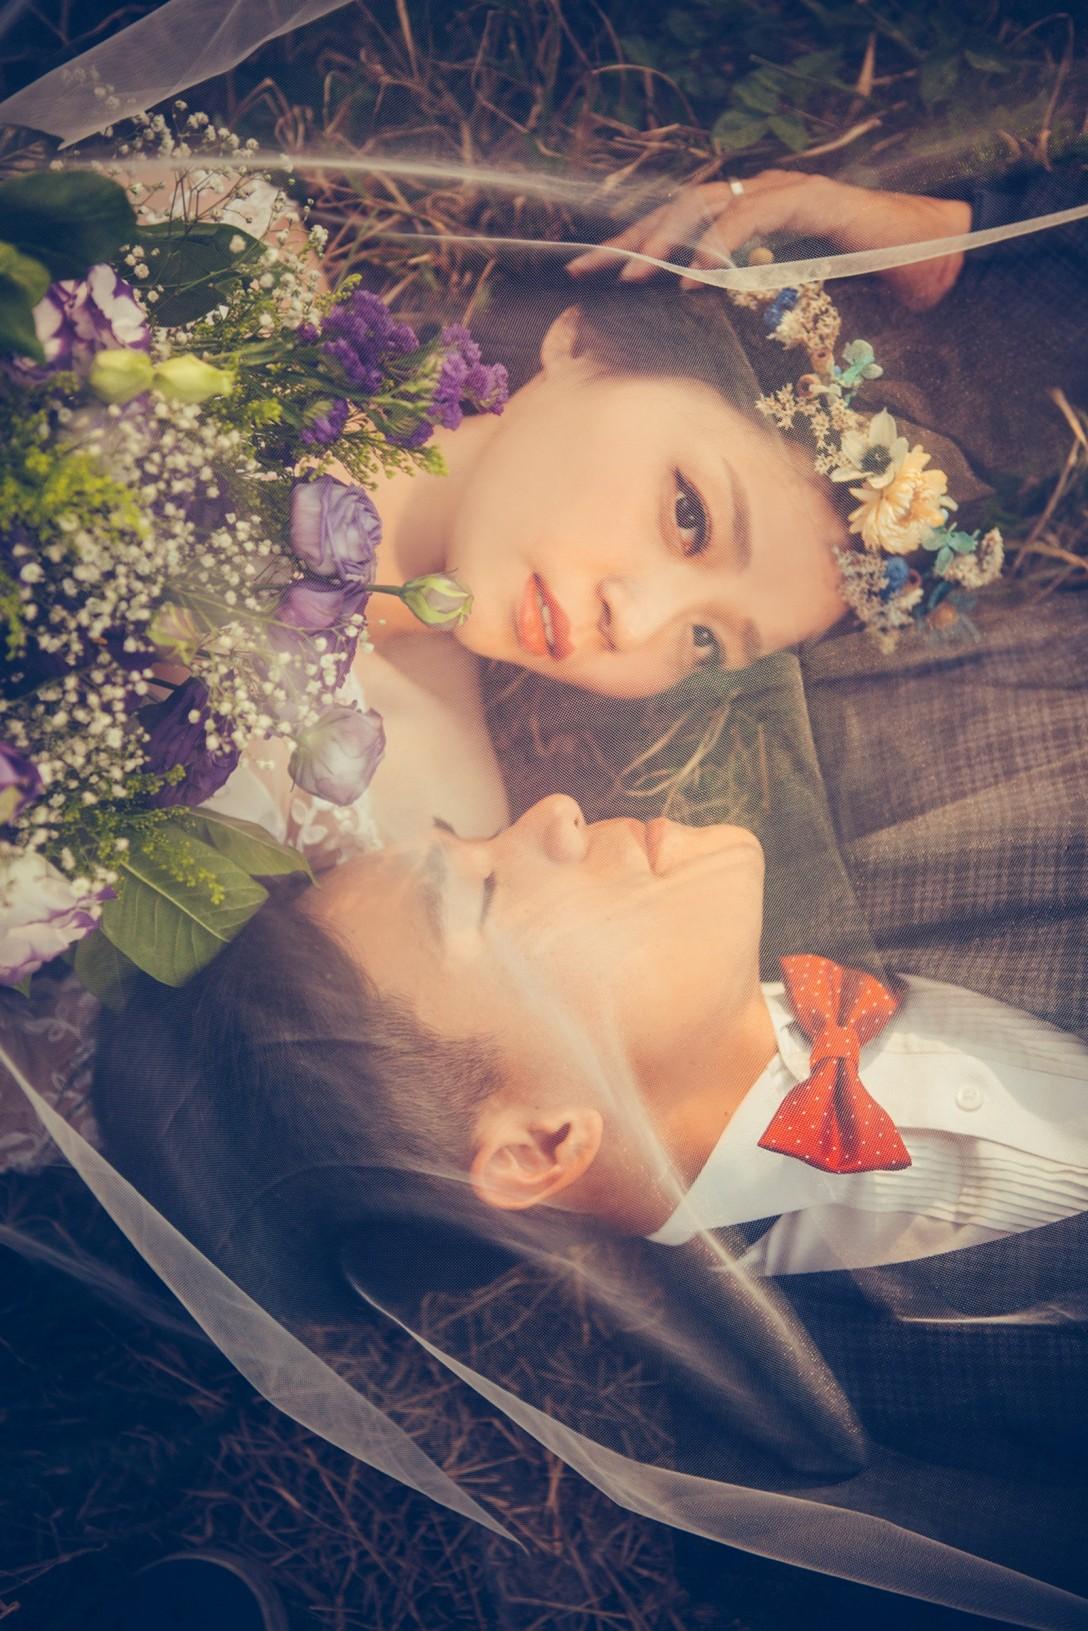 自助婚紗,自助婚紗推薦,自助婚紗風格,婚紗照,e7b693e585b8e99f93e9a2a828